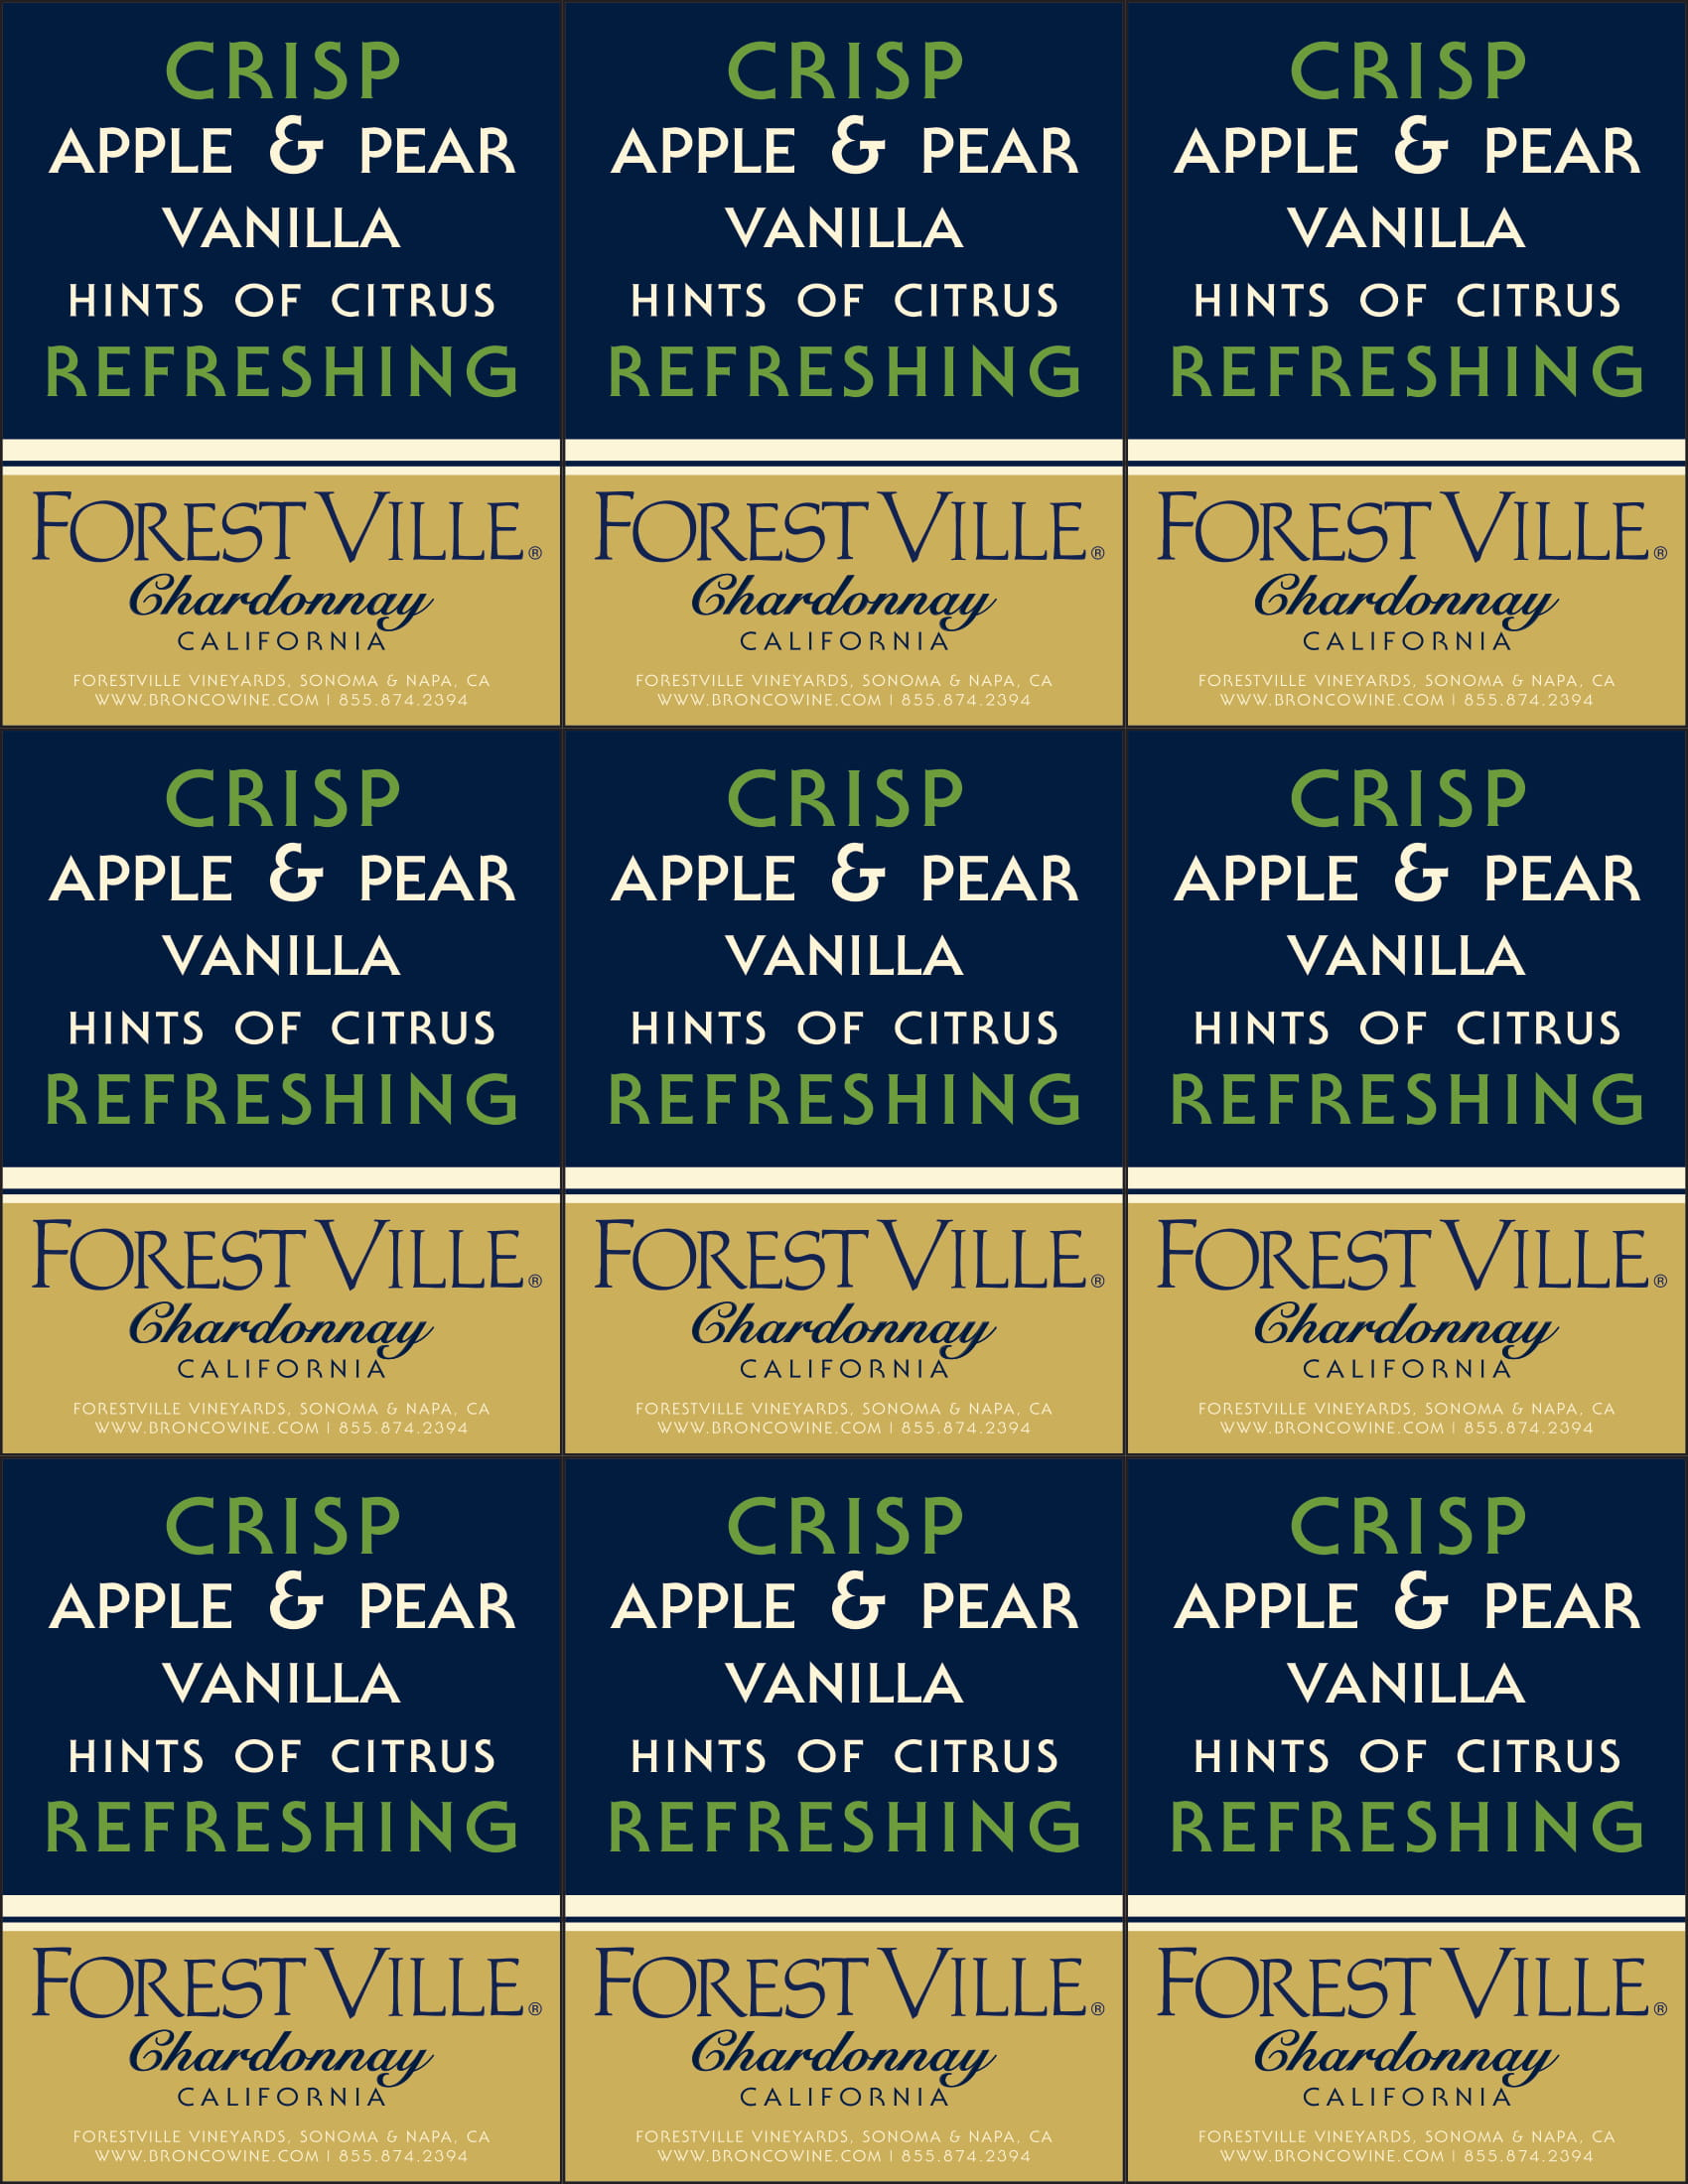 Forest Ville Chardonnay Shelf Talker